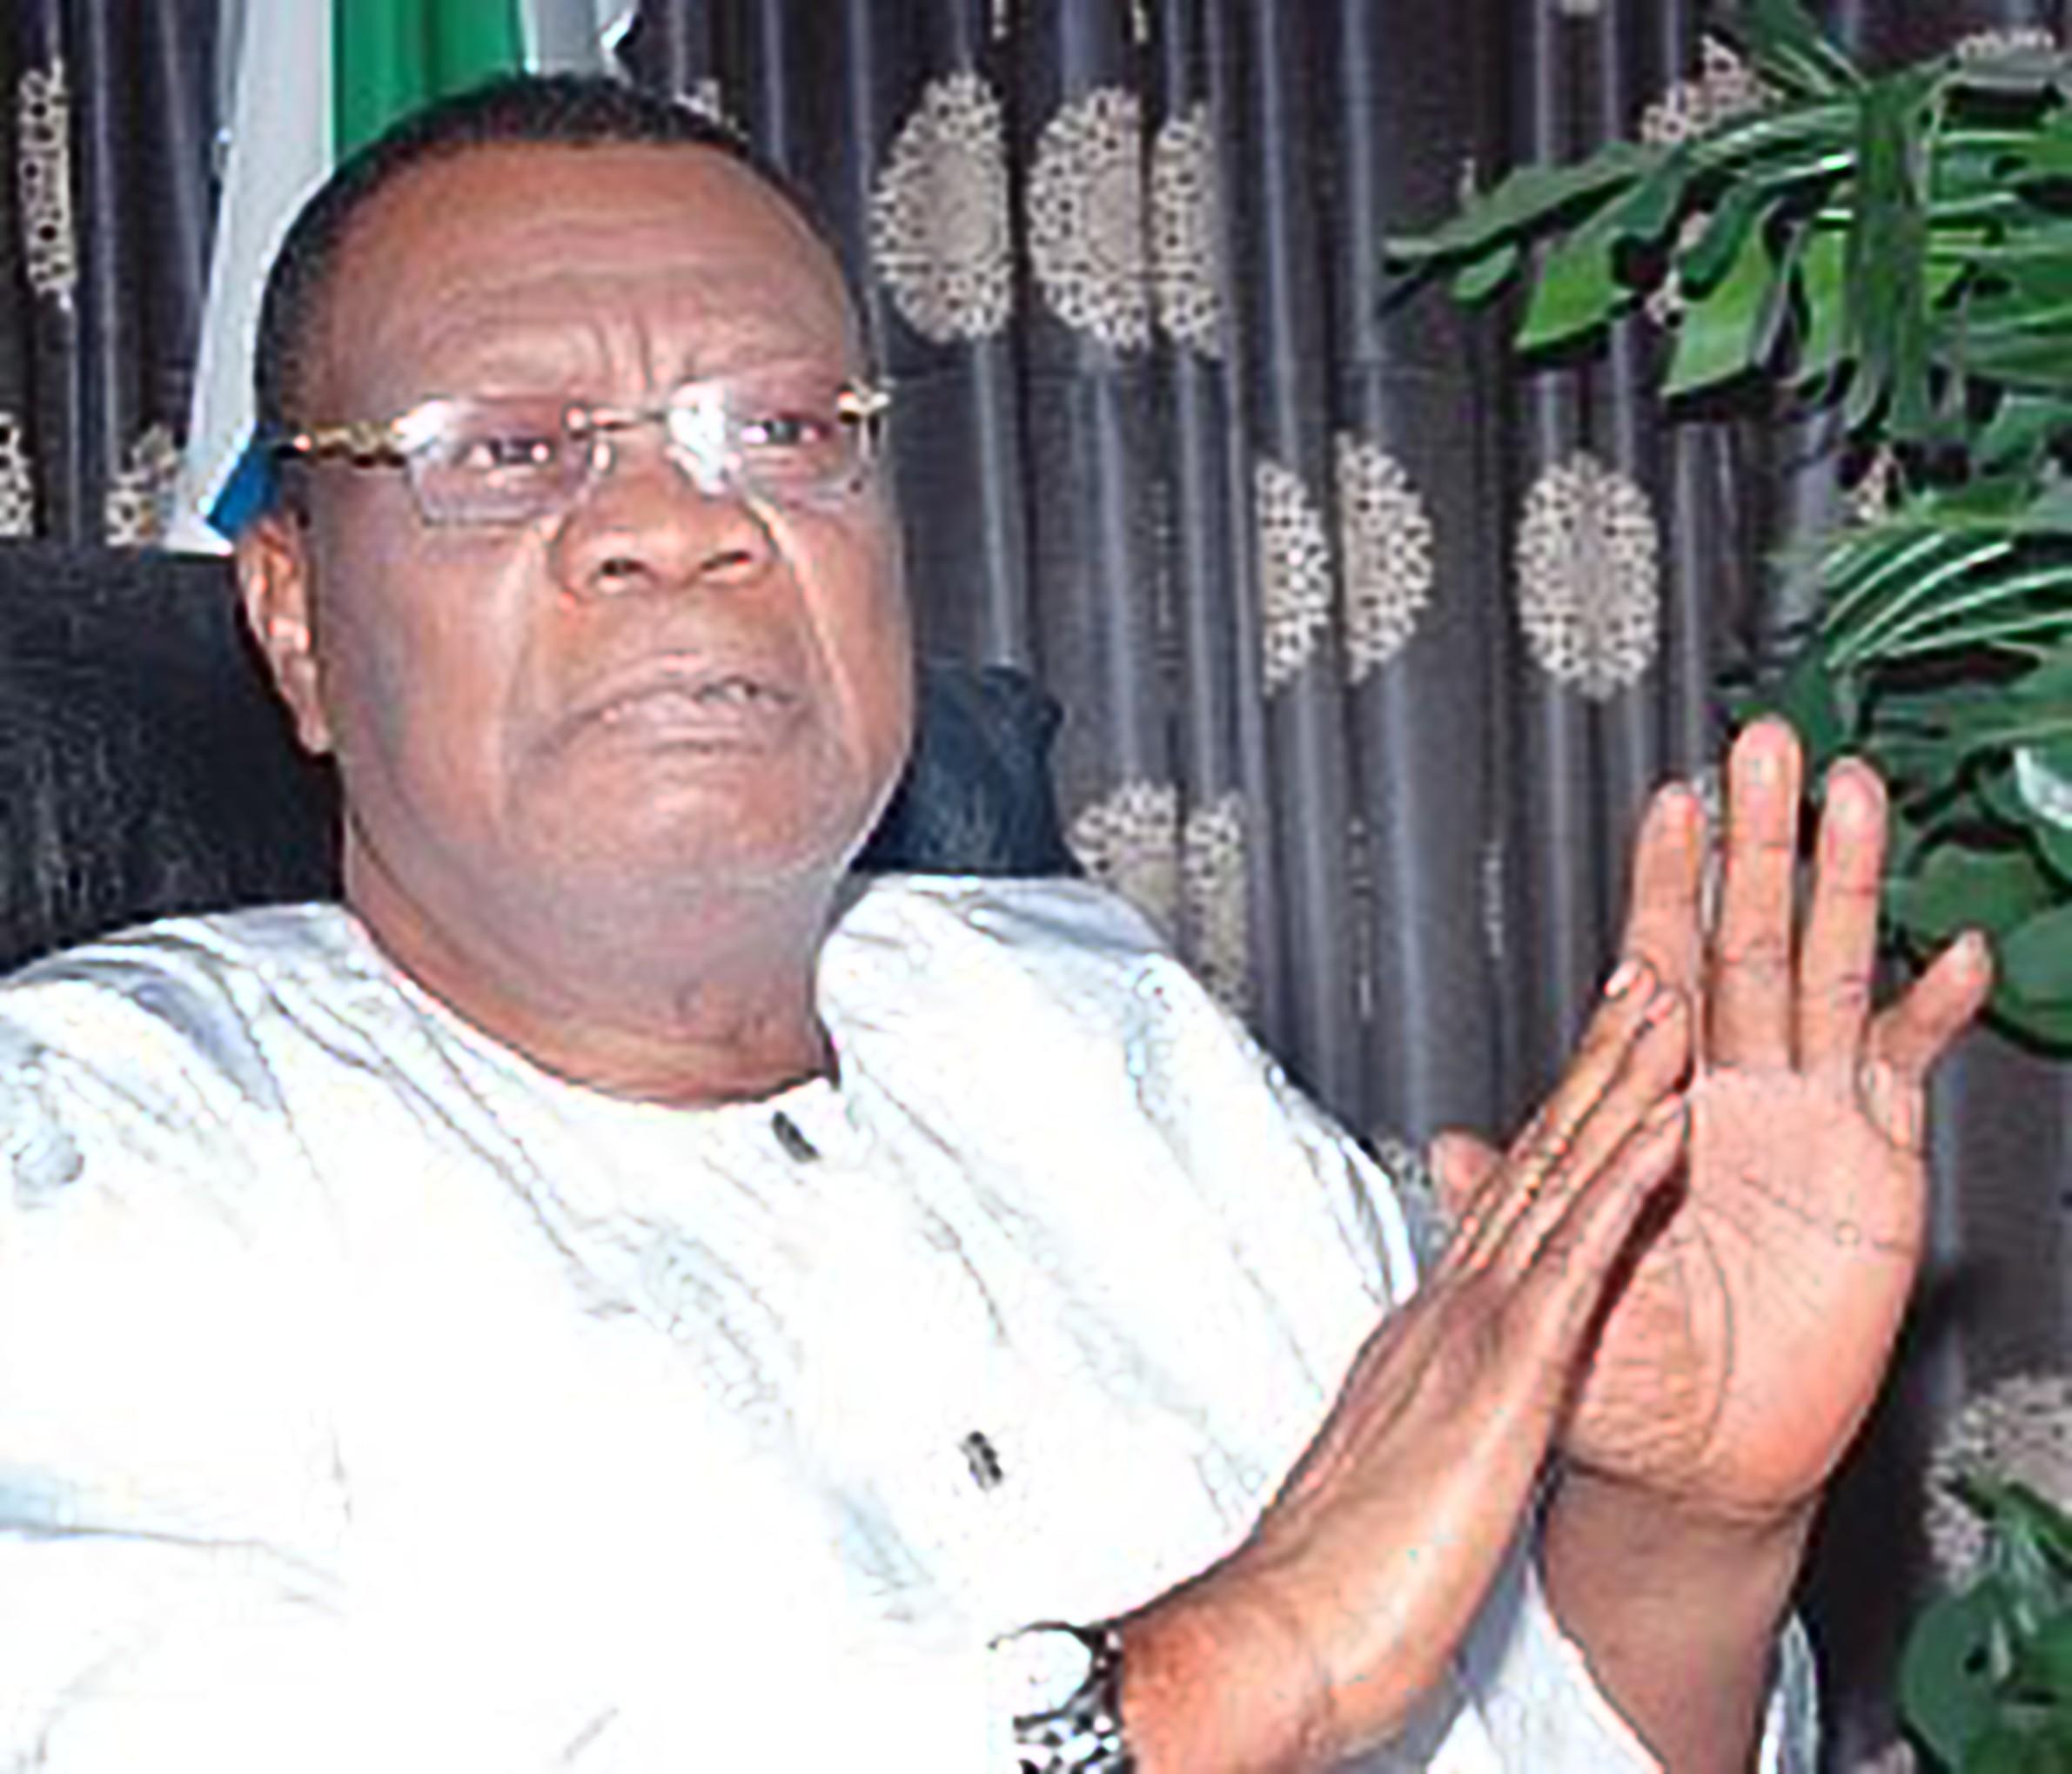 Samuel-Abiara